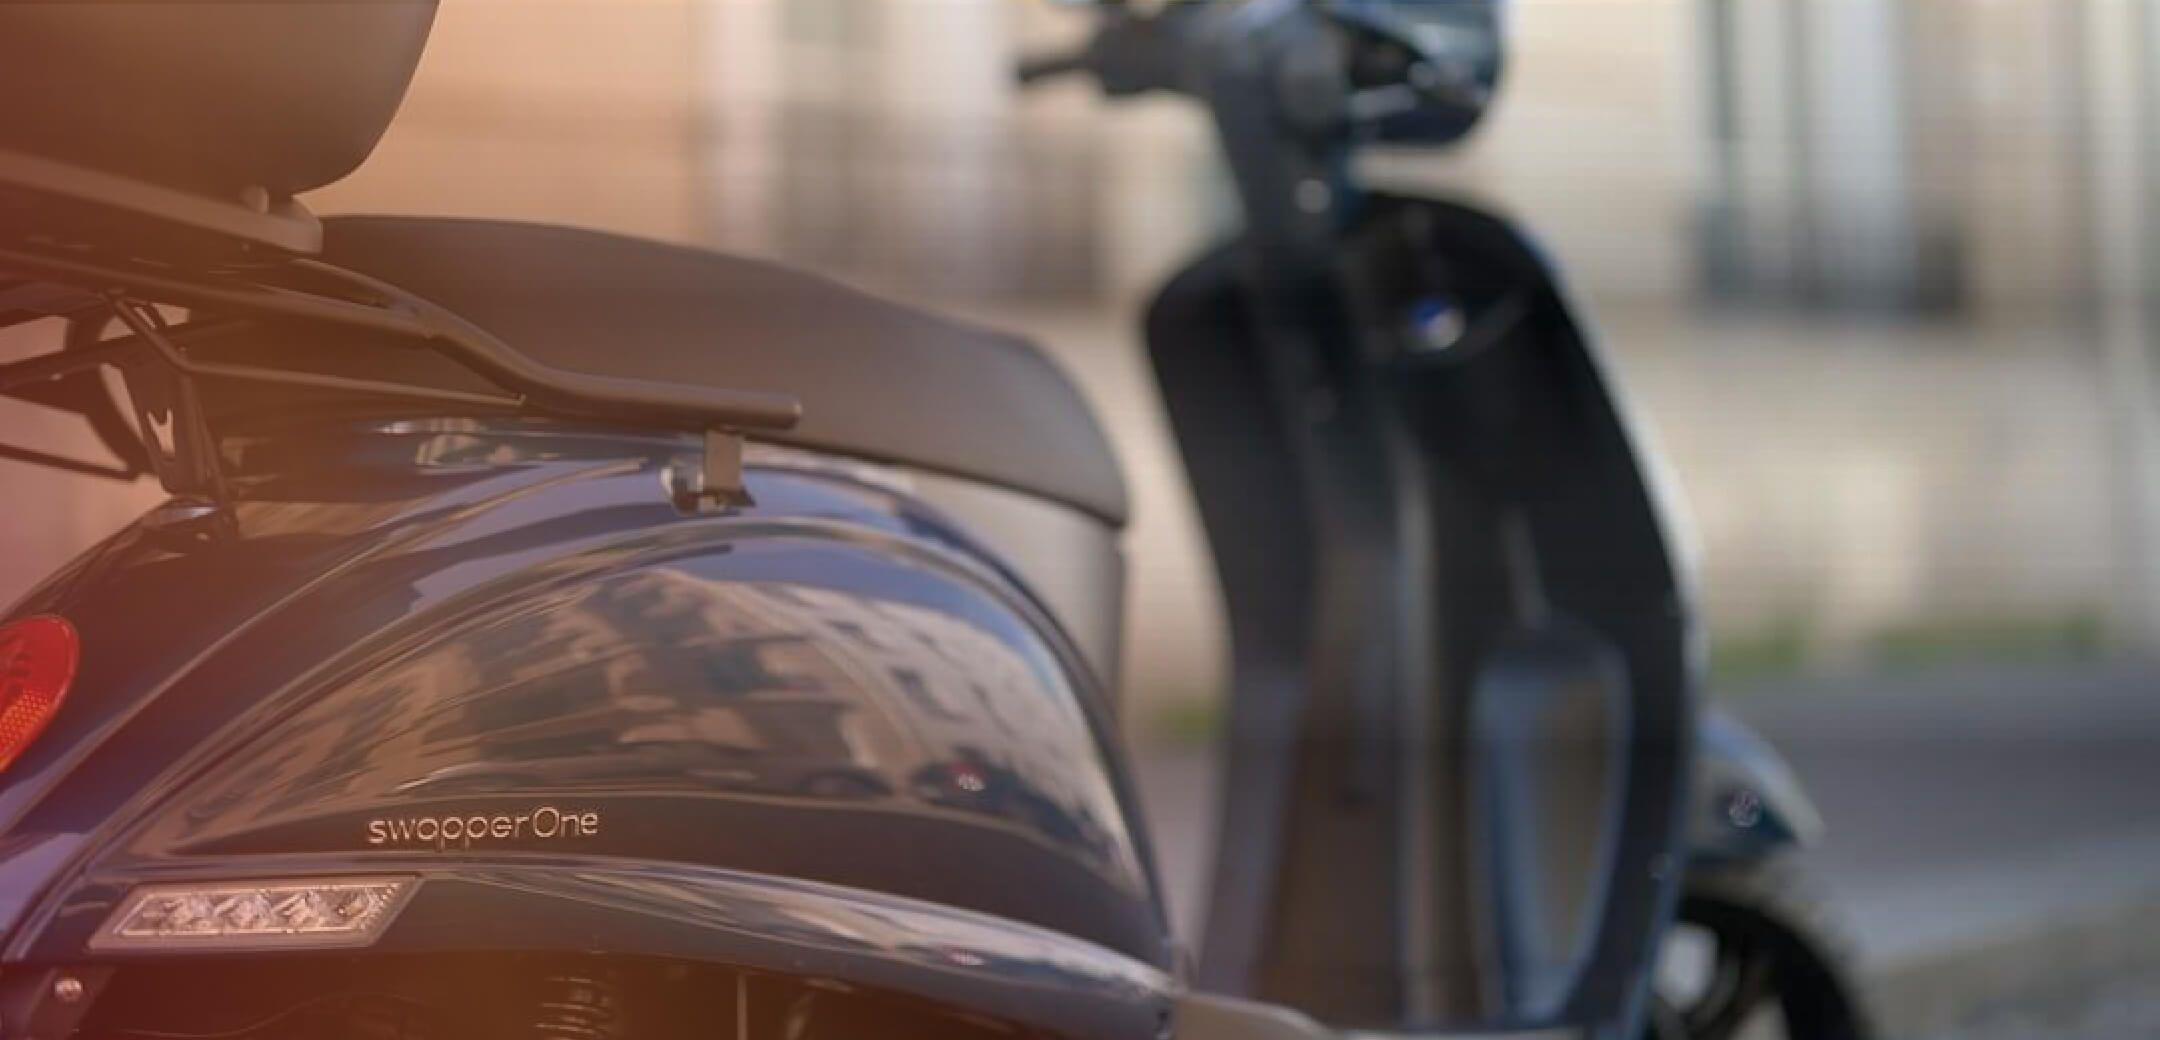 Design swapperOne scooter électrique